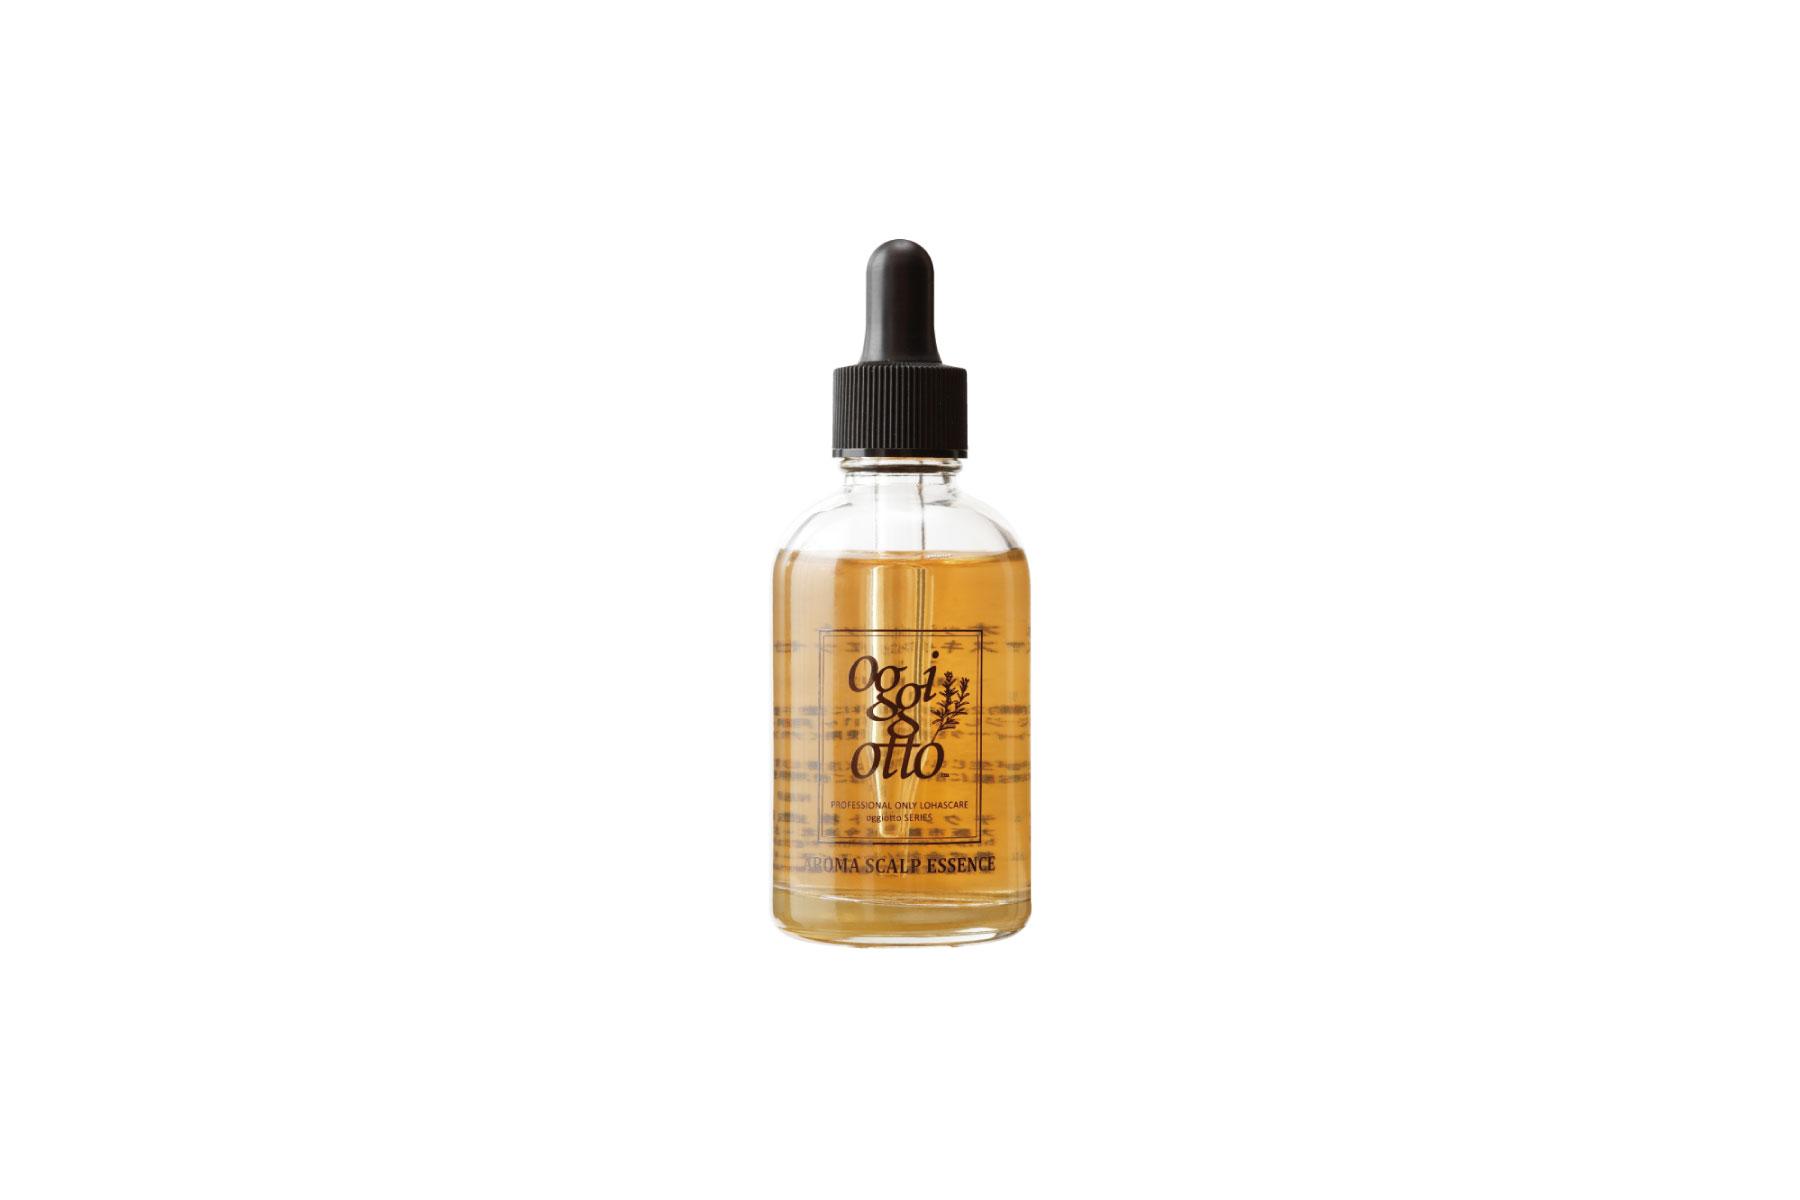 オッジーオット (oggi otto) aroma scalp essence02